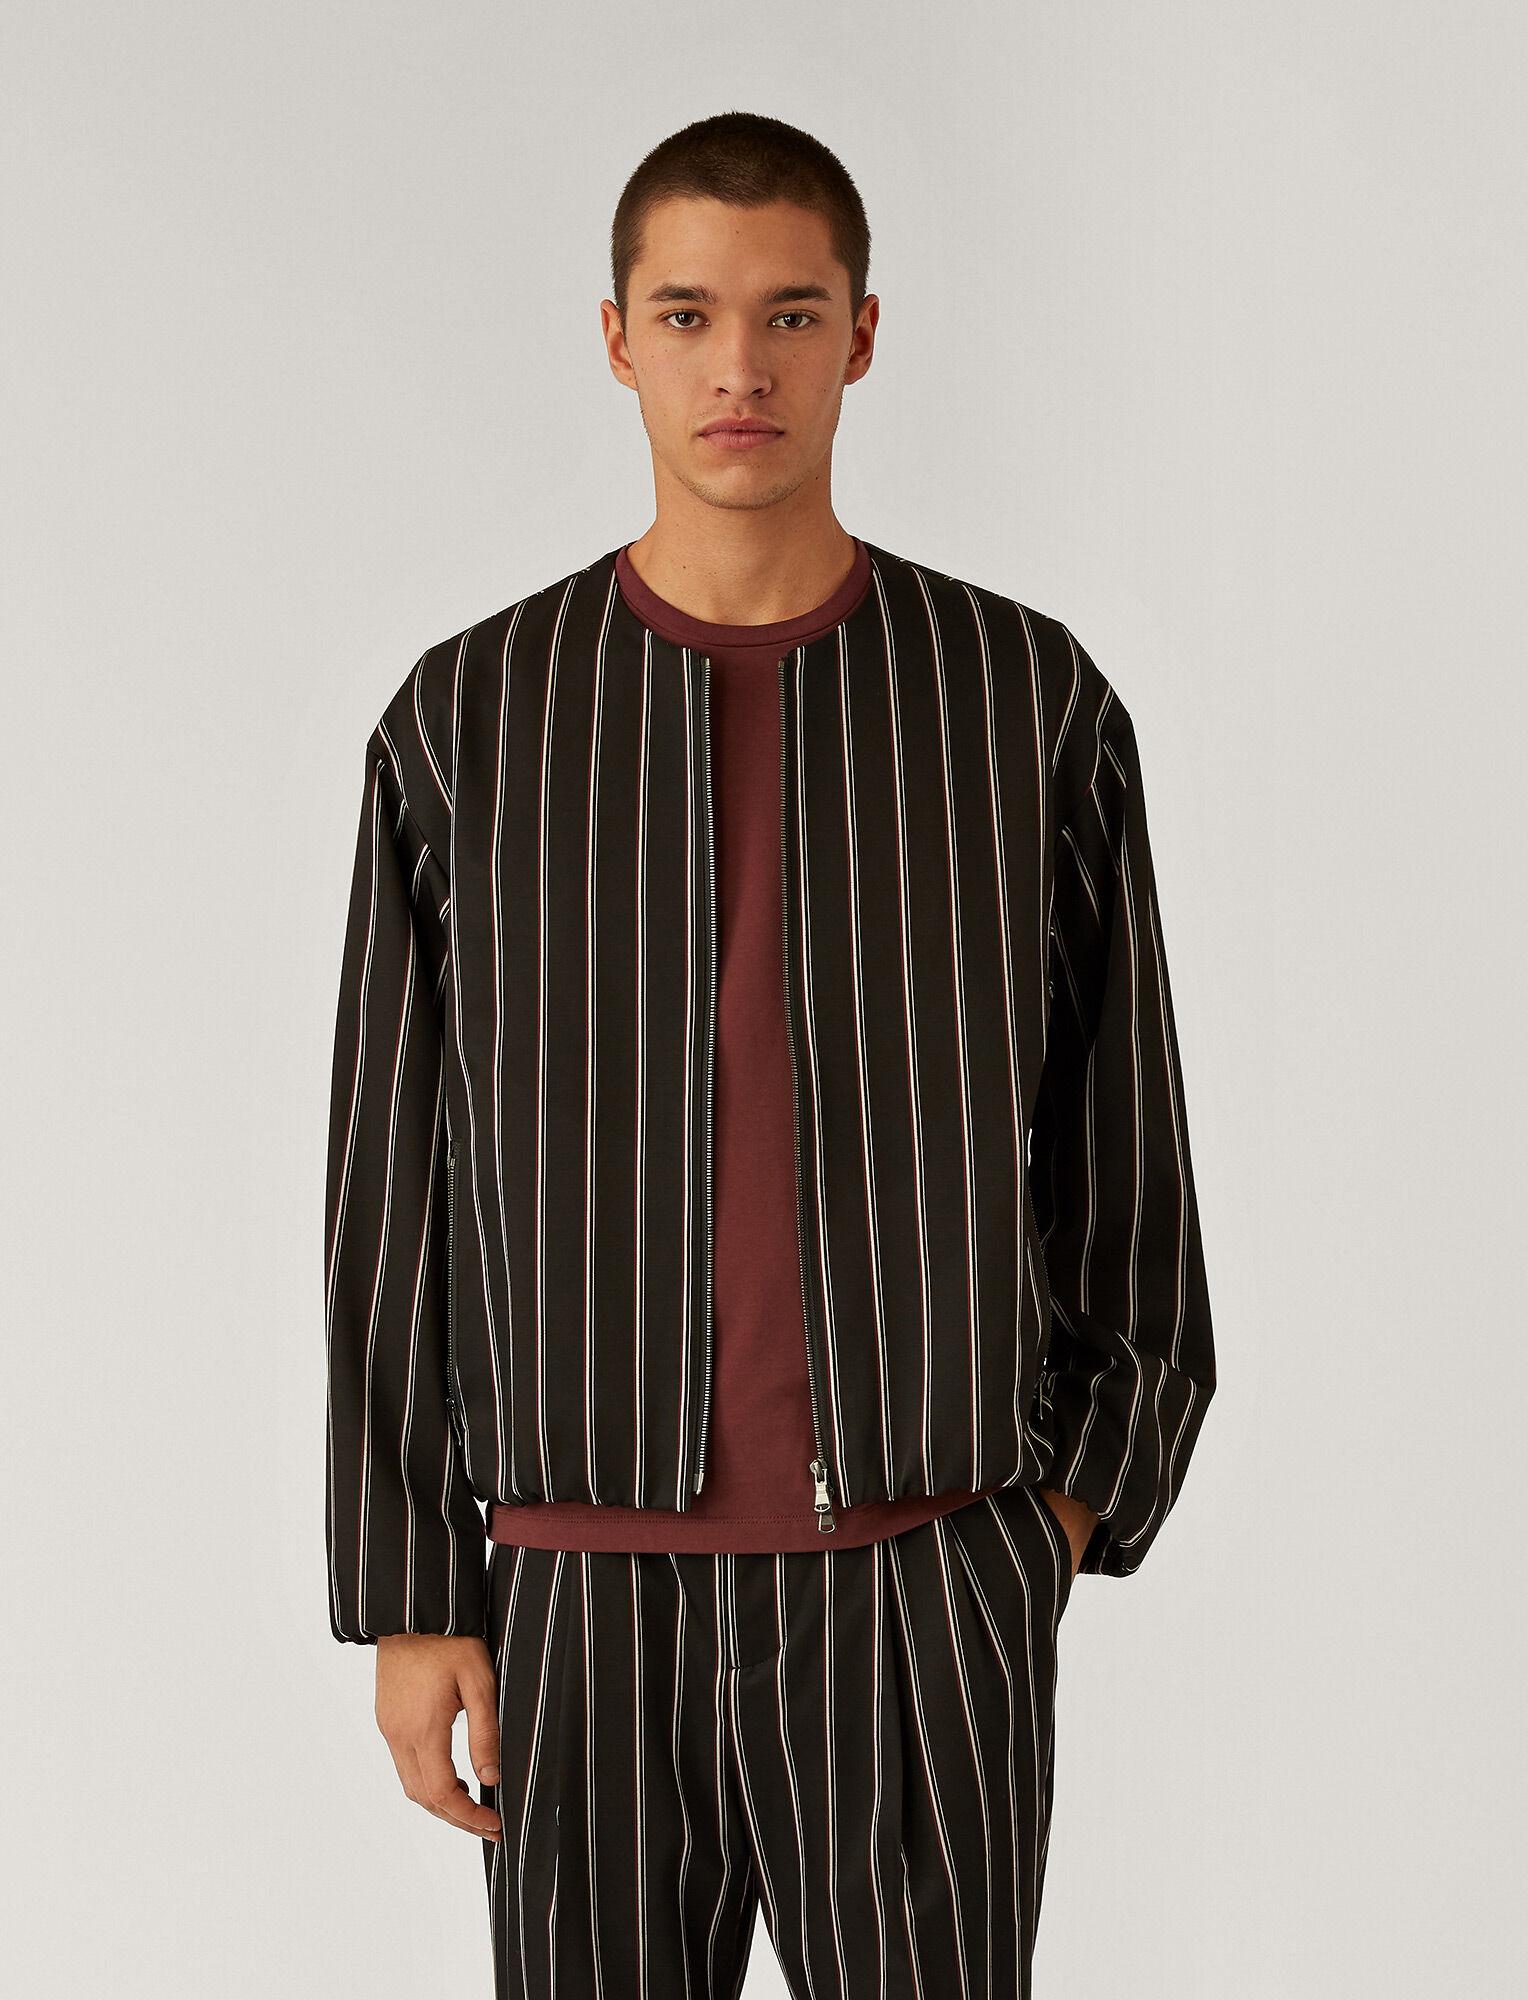 Joseph, Veste en viscose et laine à rayures, in Black